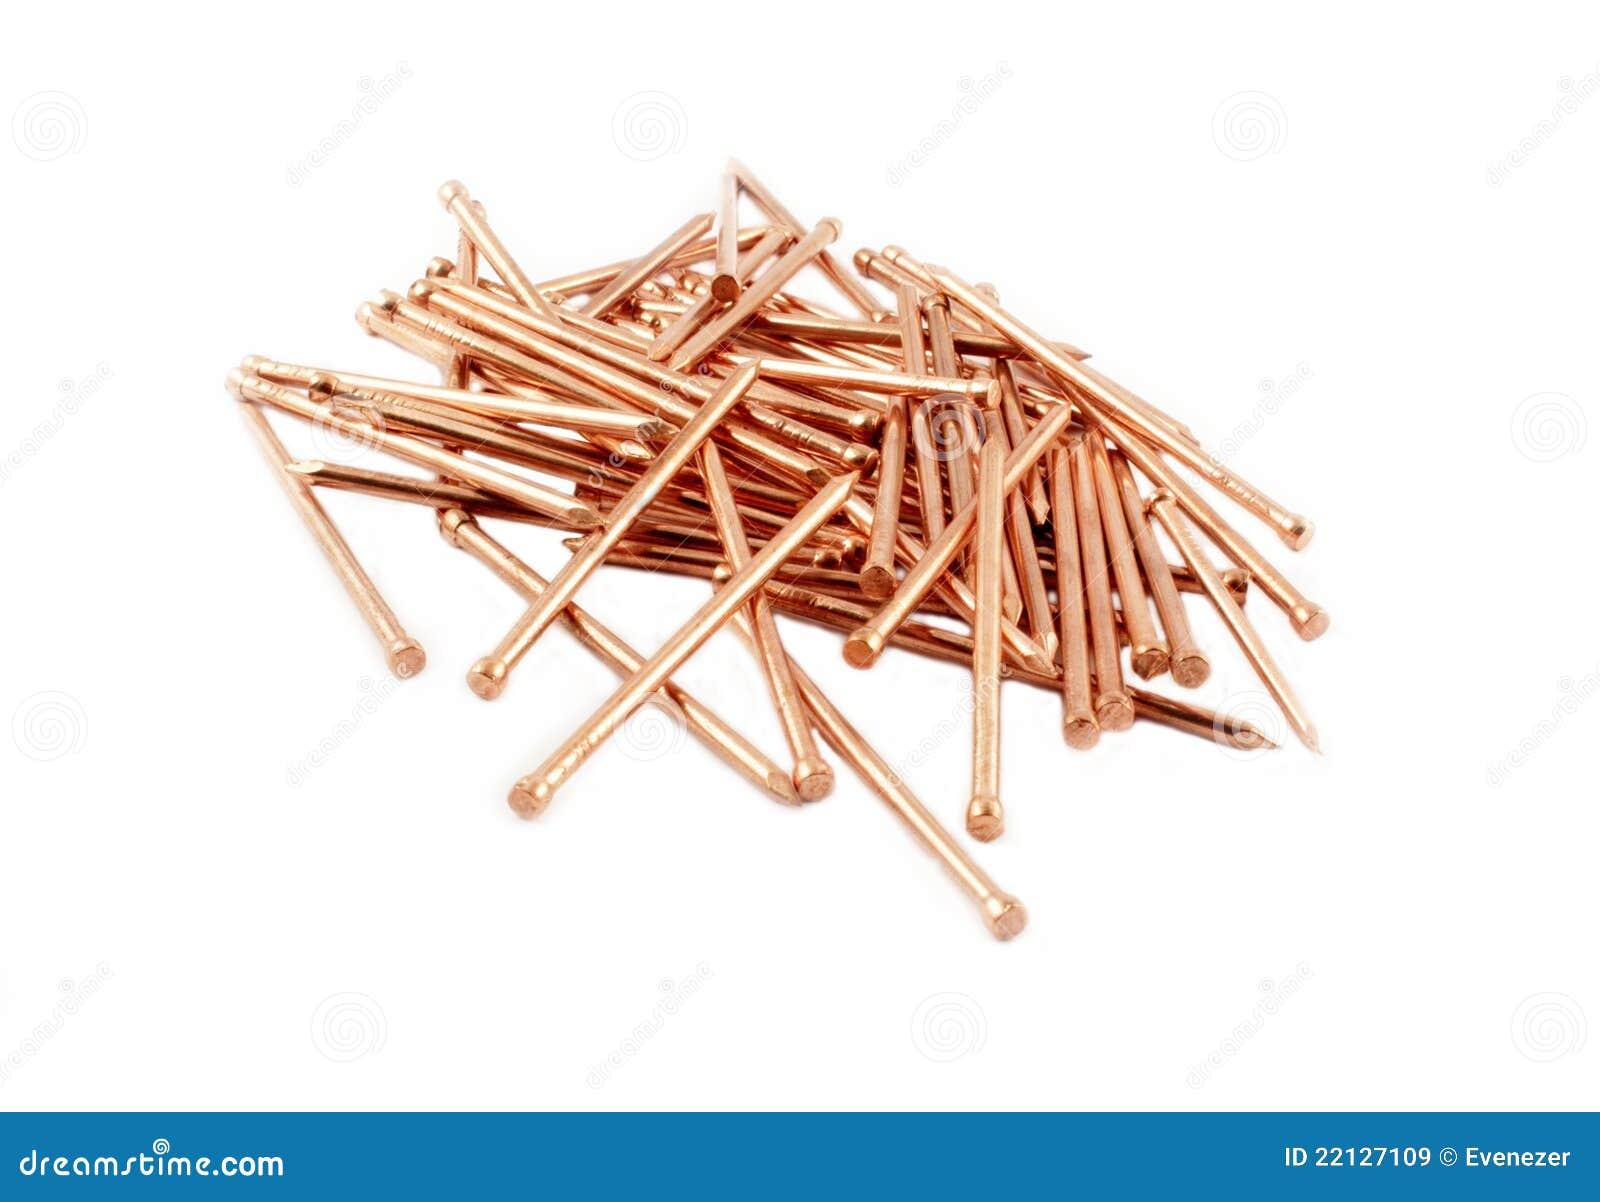 Clous de cuivre de construction images libres de droits - Clavos de cobre ...